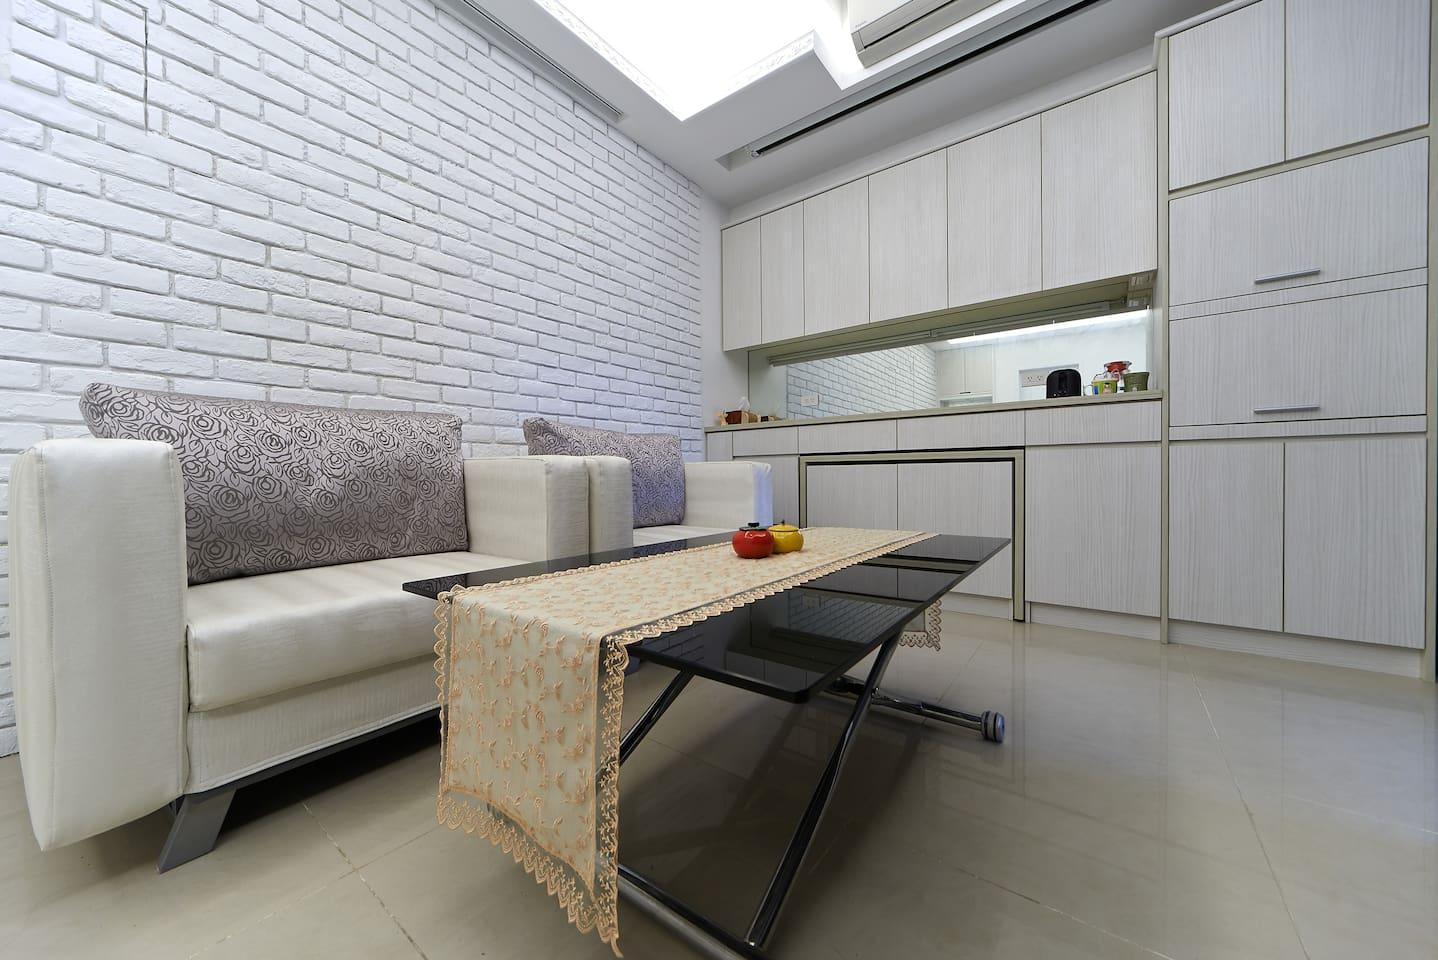 簡潔雅致的客廳....純白+米白色調......嘿嘿~沙發和茶几都暗藏玄機喔~~你知道是什麼嗎?讓你想一想~